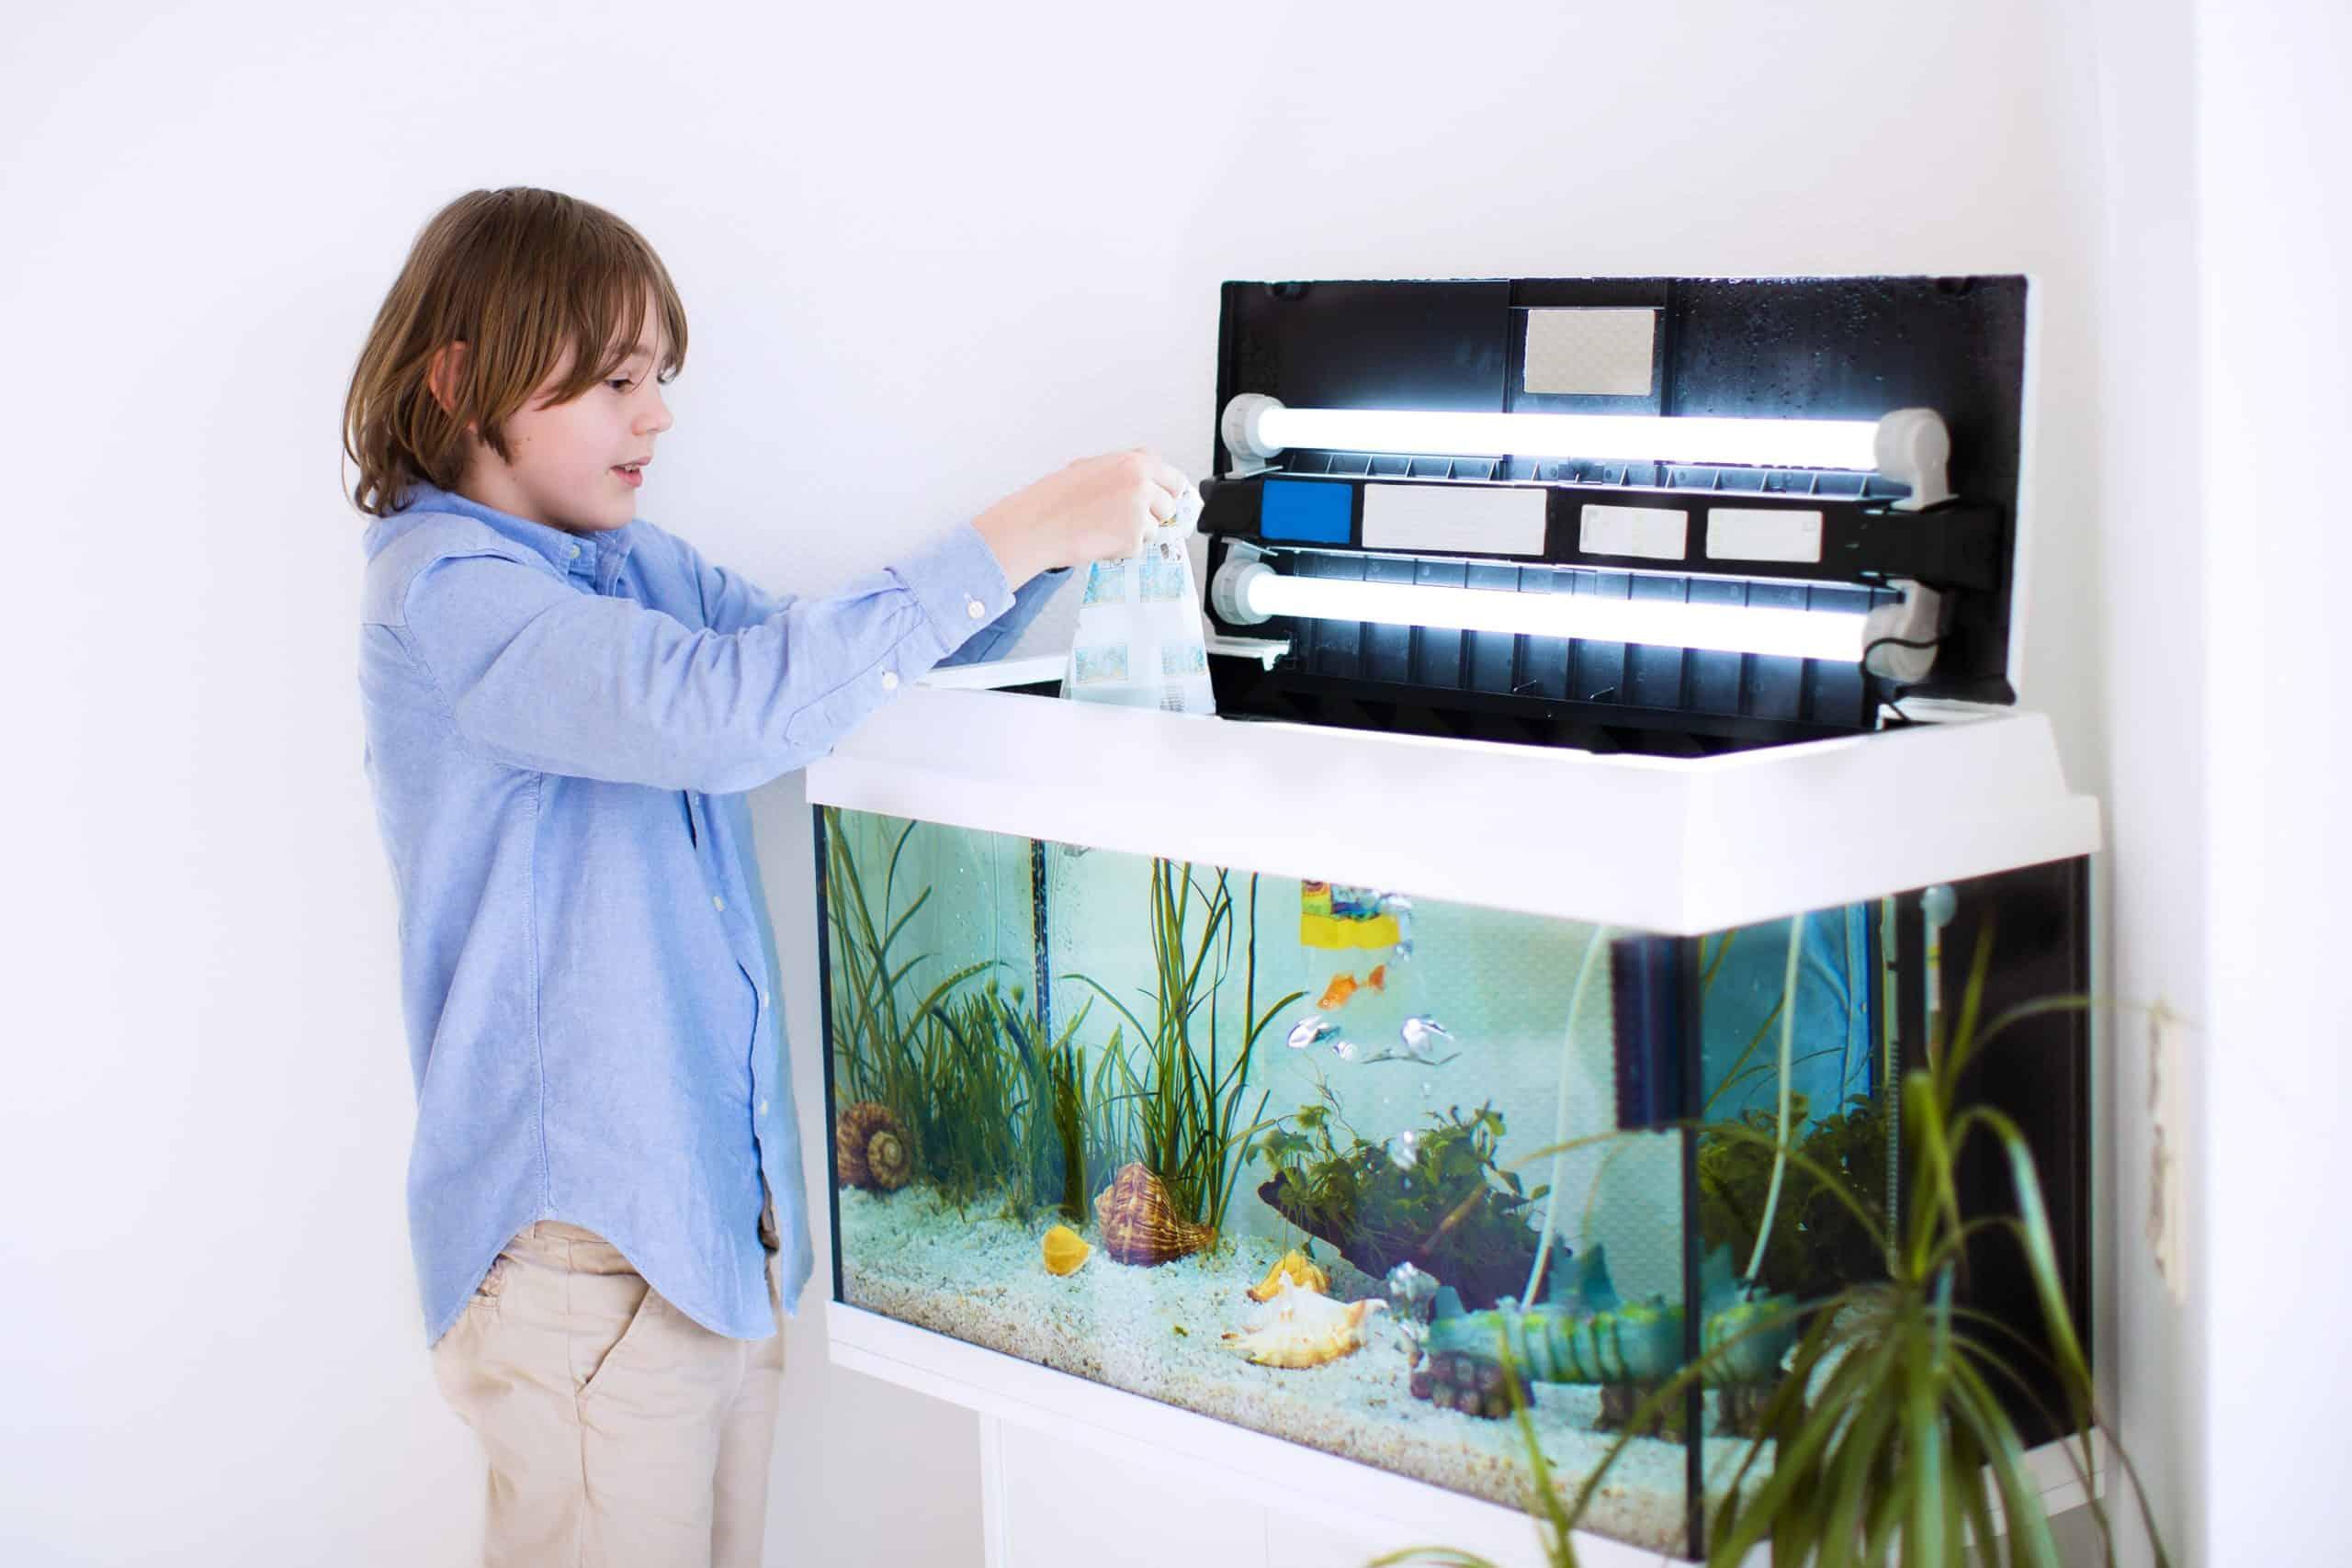 Boy adds fish to aquarium.